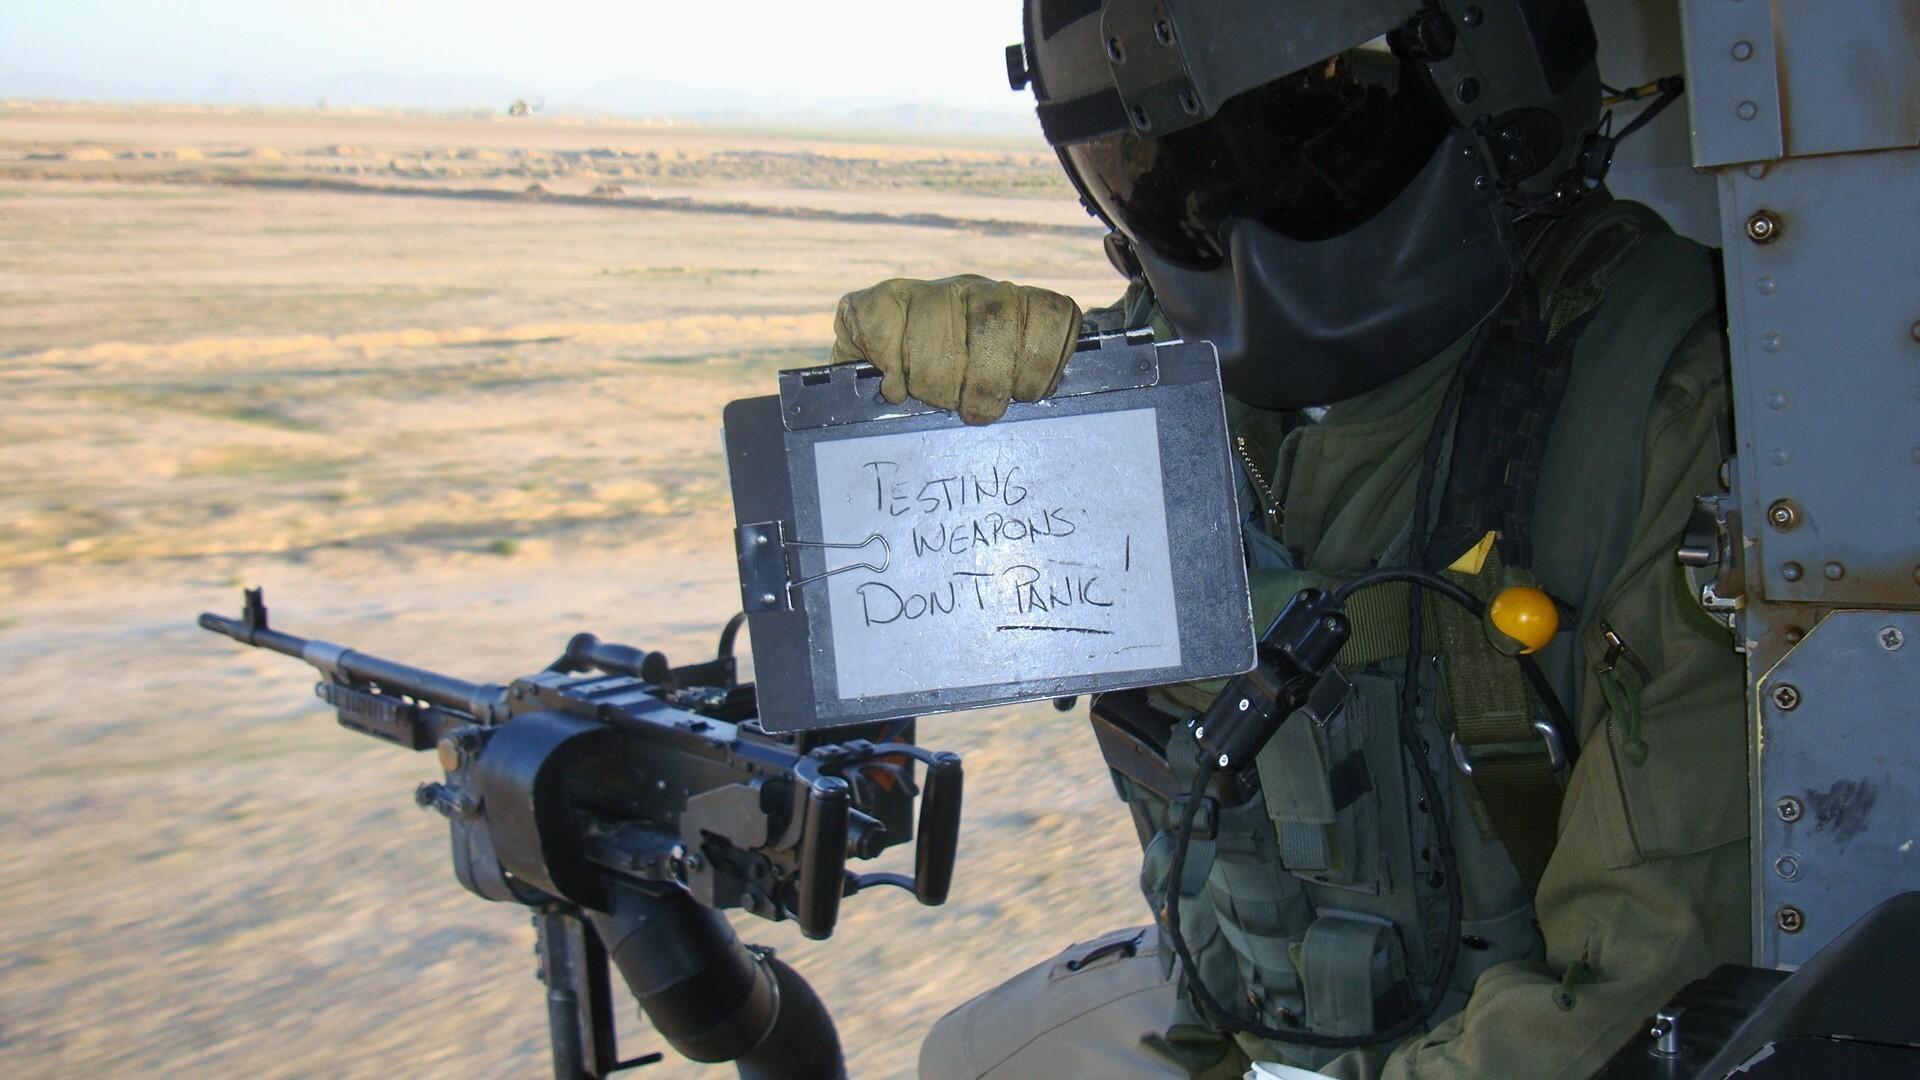 Recce Squad Hd Wallpapers: Fond D'écran : Humour, Soldat, Hélicoptères, Armée, Buteur